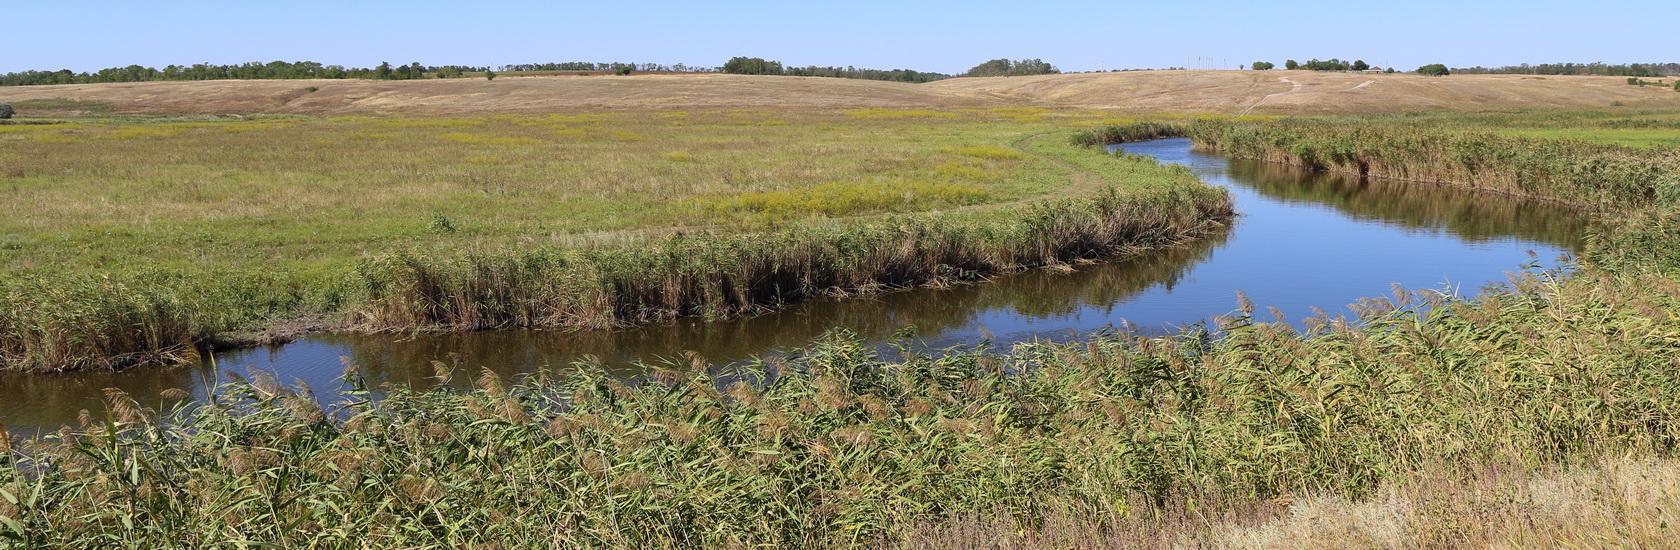 Река Мокрый Еланчик и окрестности